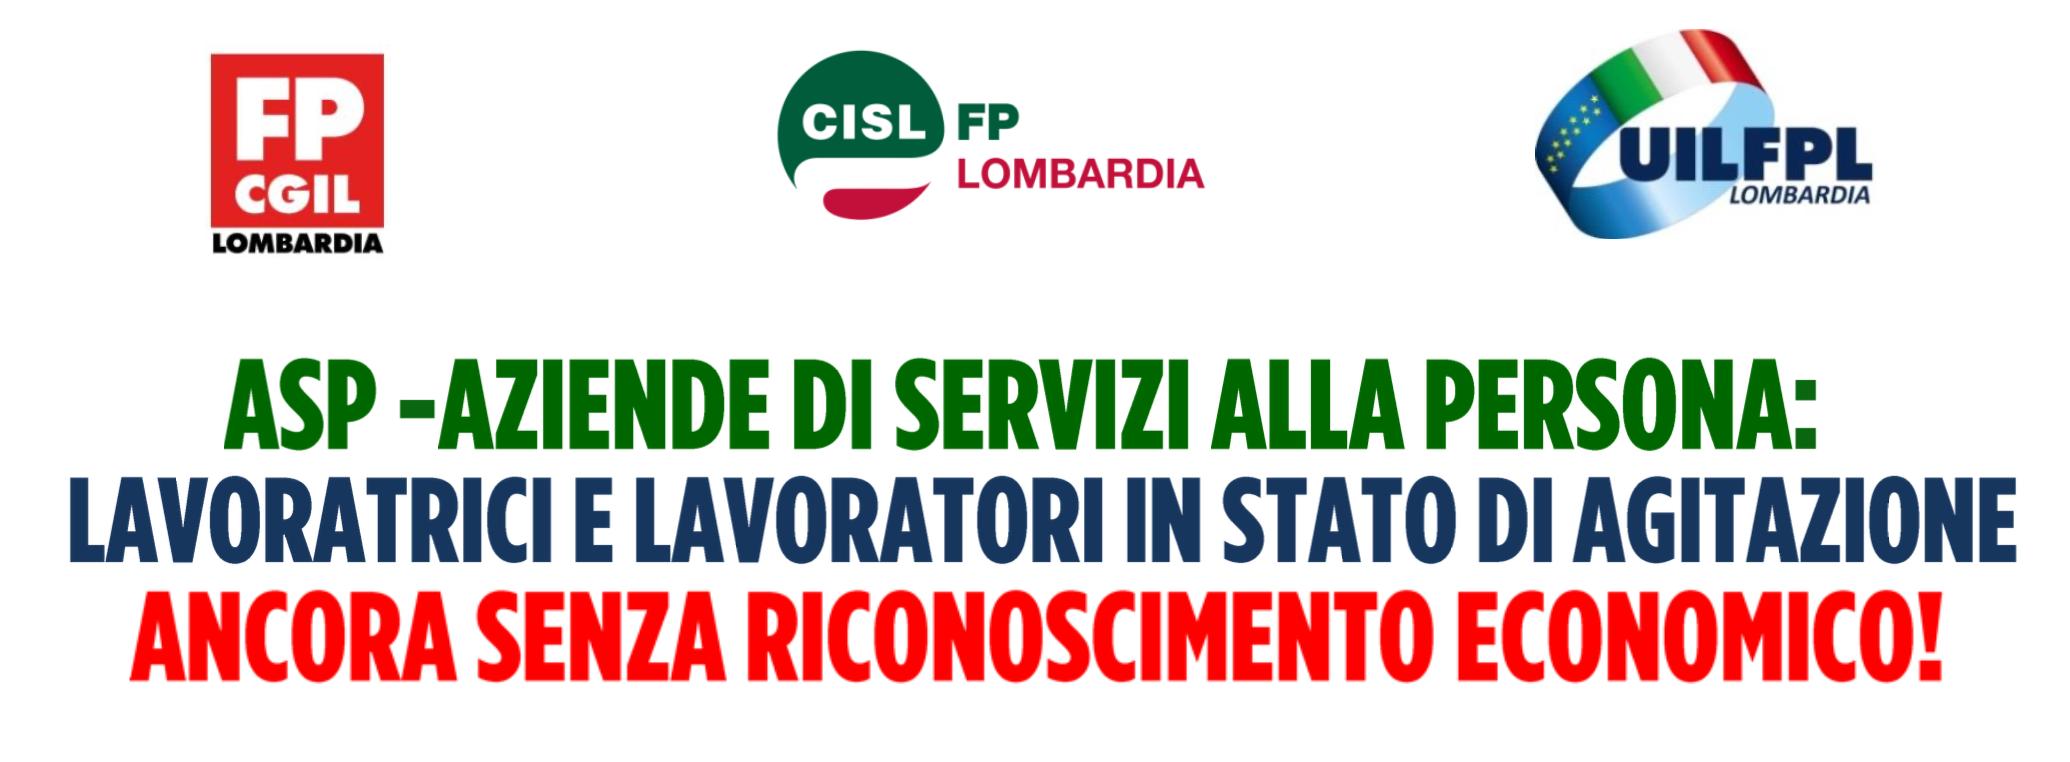 Le segreterie regionali di UIL FPL - CGIL FP - FP CISL dichiarano lo stato di agitazione del personale ASP di Regione Lombardia